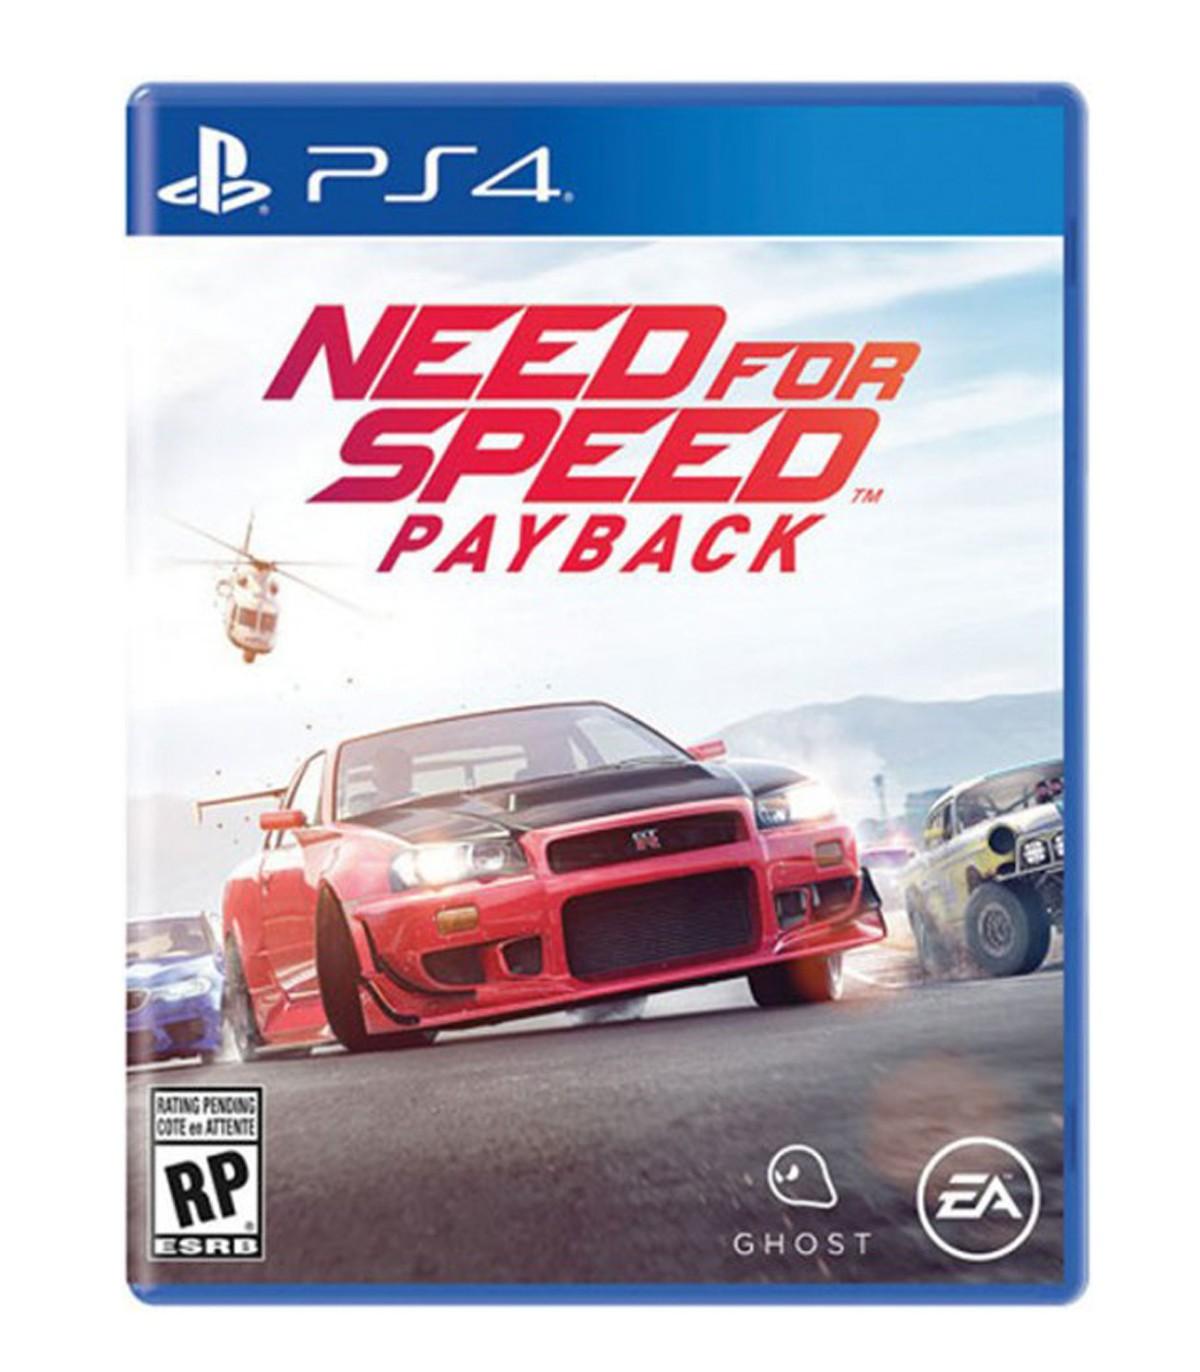 بازی Need for Speed Payback کارکرده - پلی استیشن 4